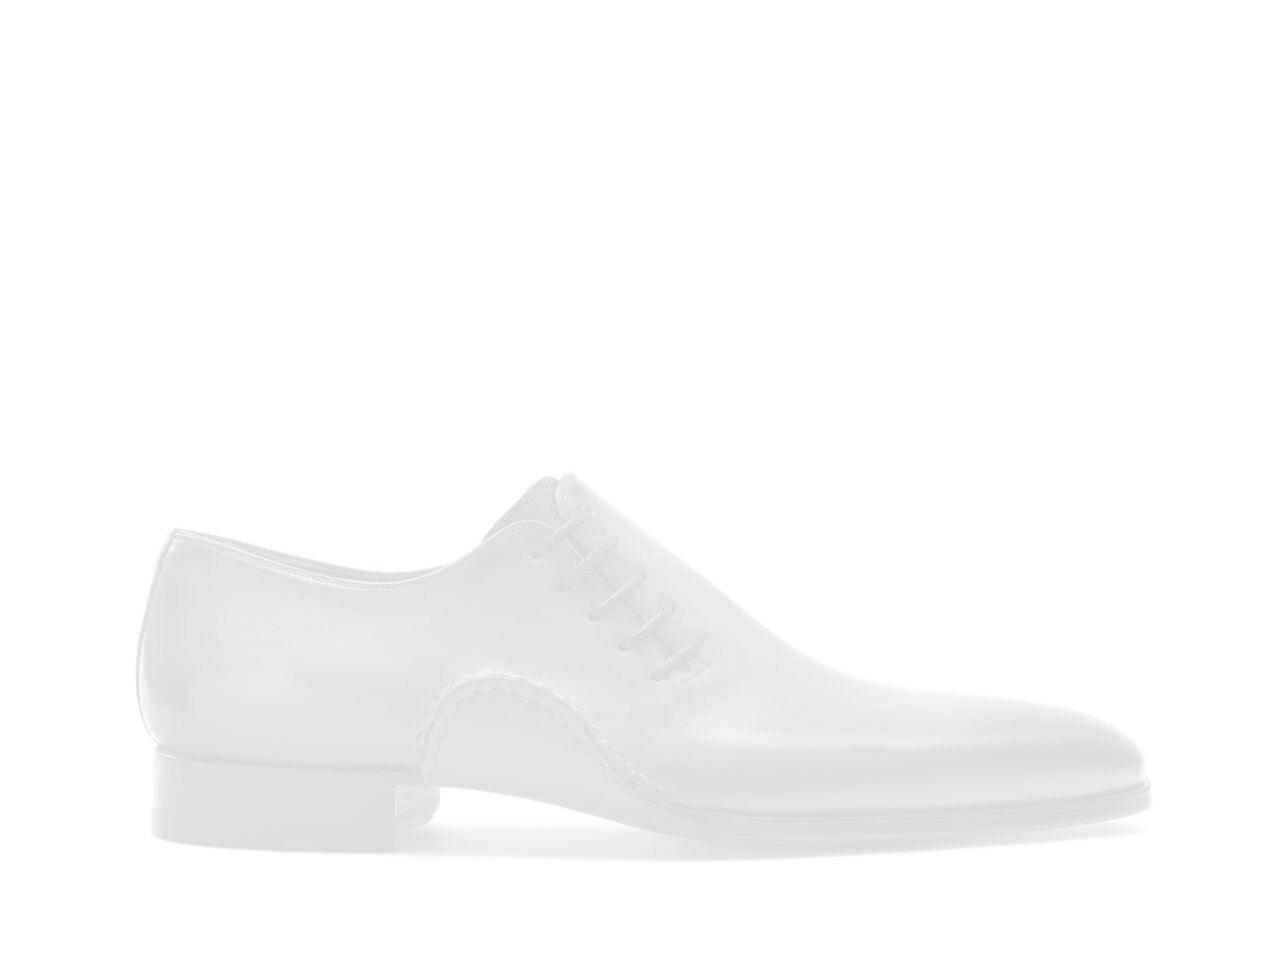 Pair of the Magnanni Ondara II Cognac Men's Double Monk Strap Shoes